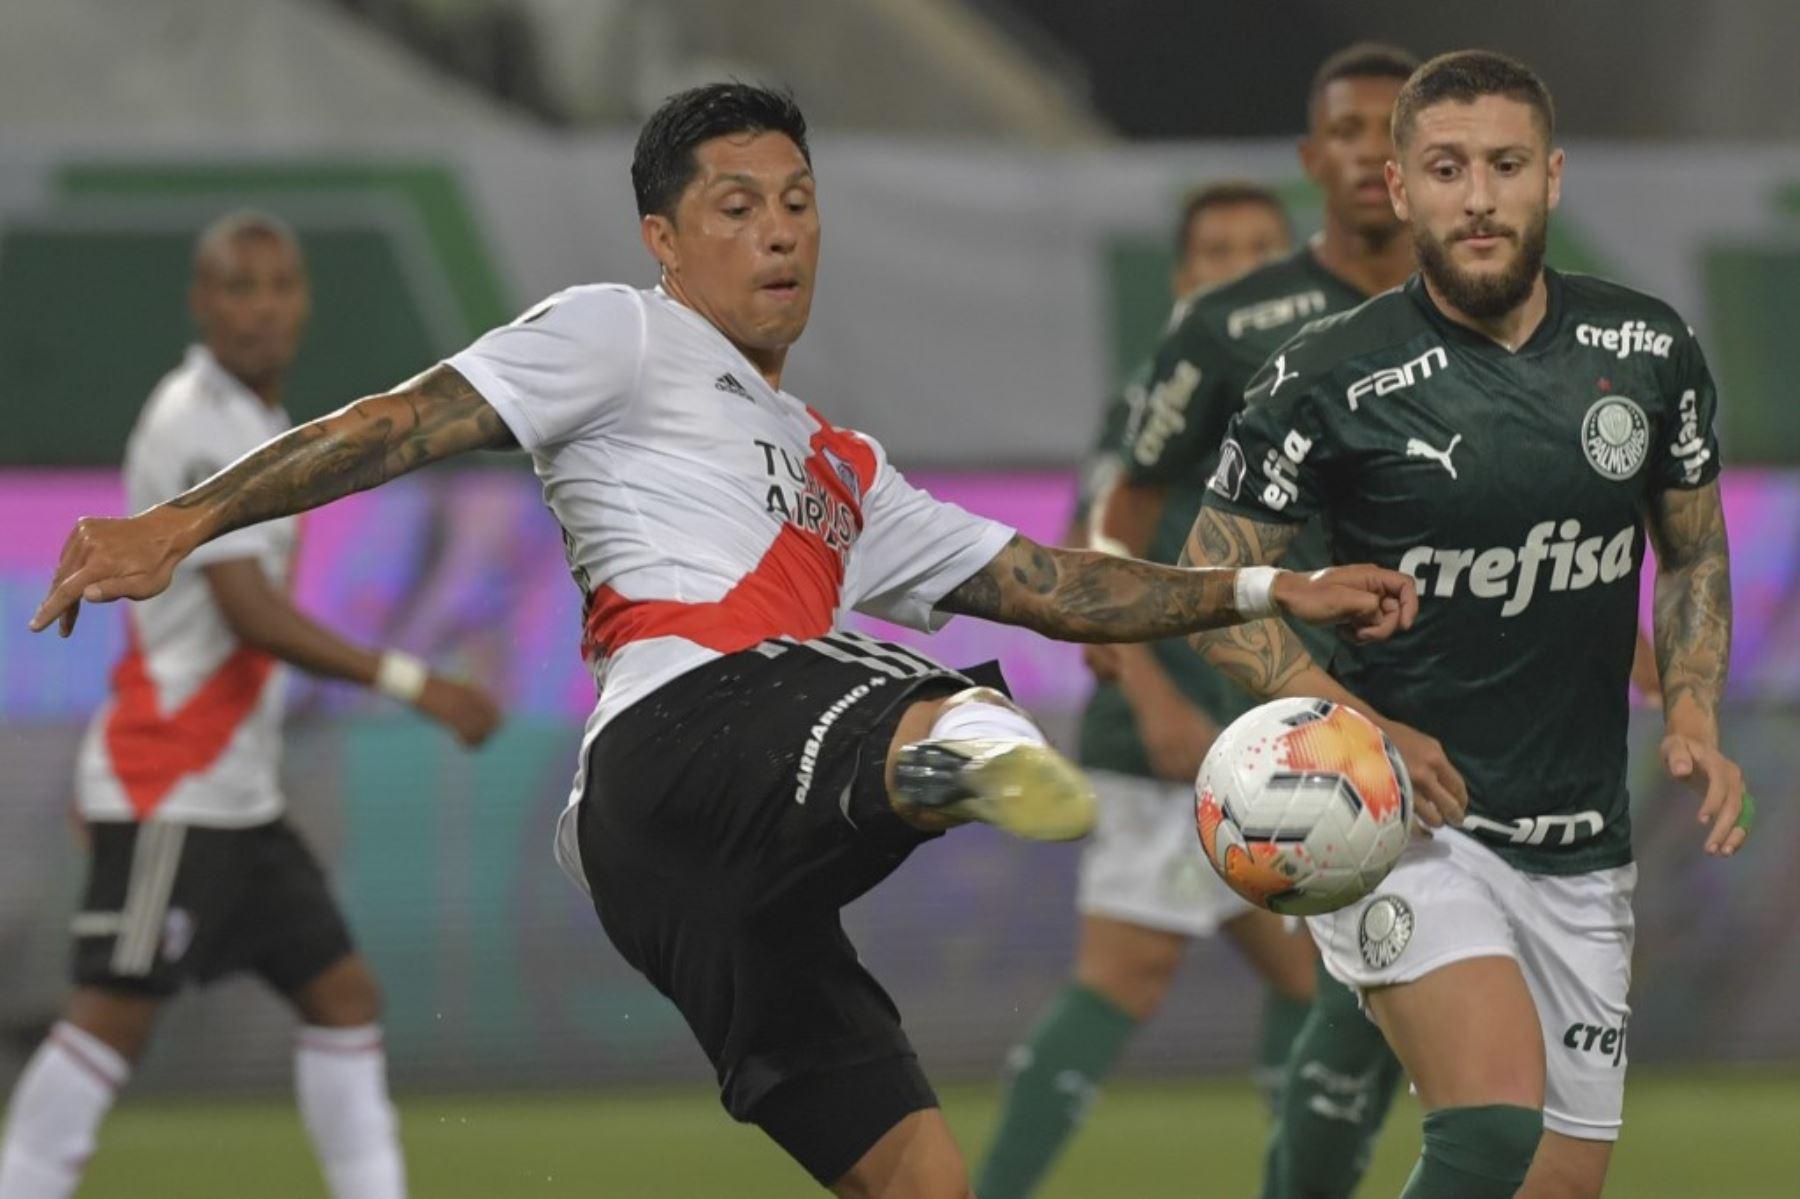 El argentino de River Plate, Enzo Pérez, y el brasileño Palmeiras Ze Rafael compiten por el balón durante la semifinal de la Copa Libertadores en el estadio Allianz Parque en Sao Paulo, Brasil. Foto: AFP